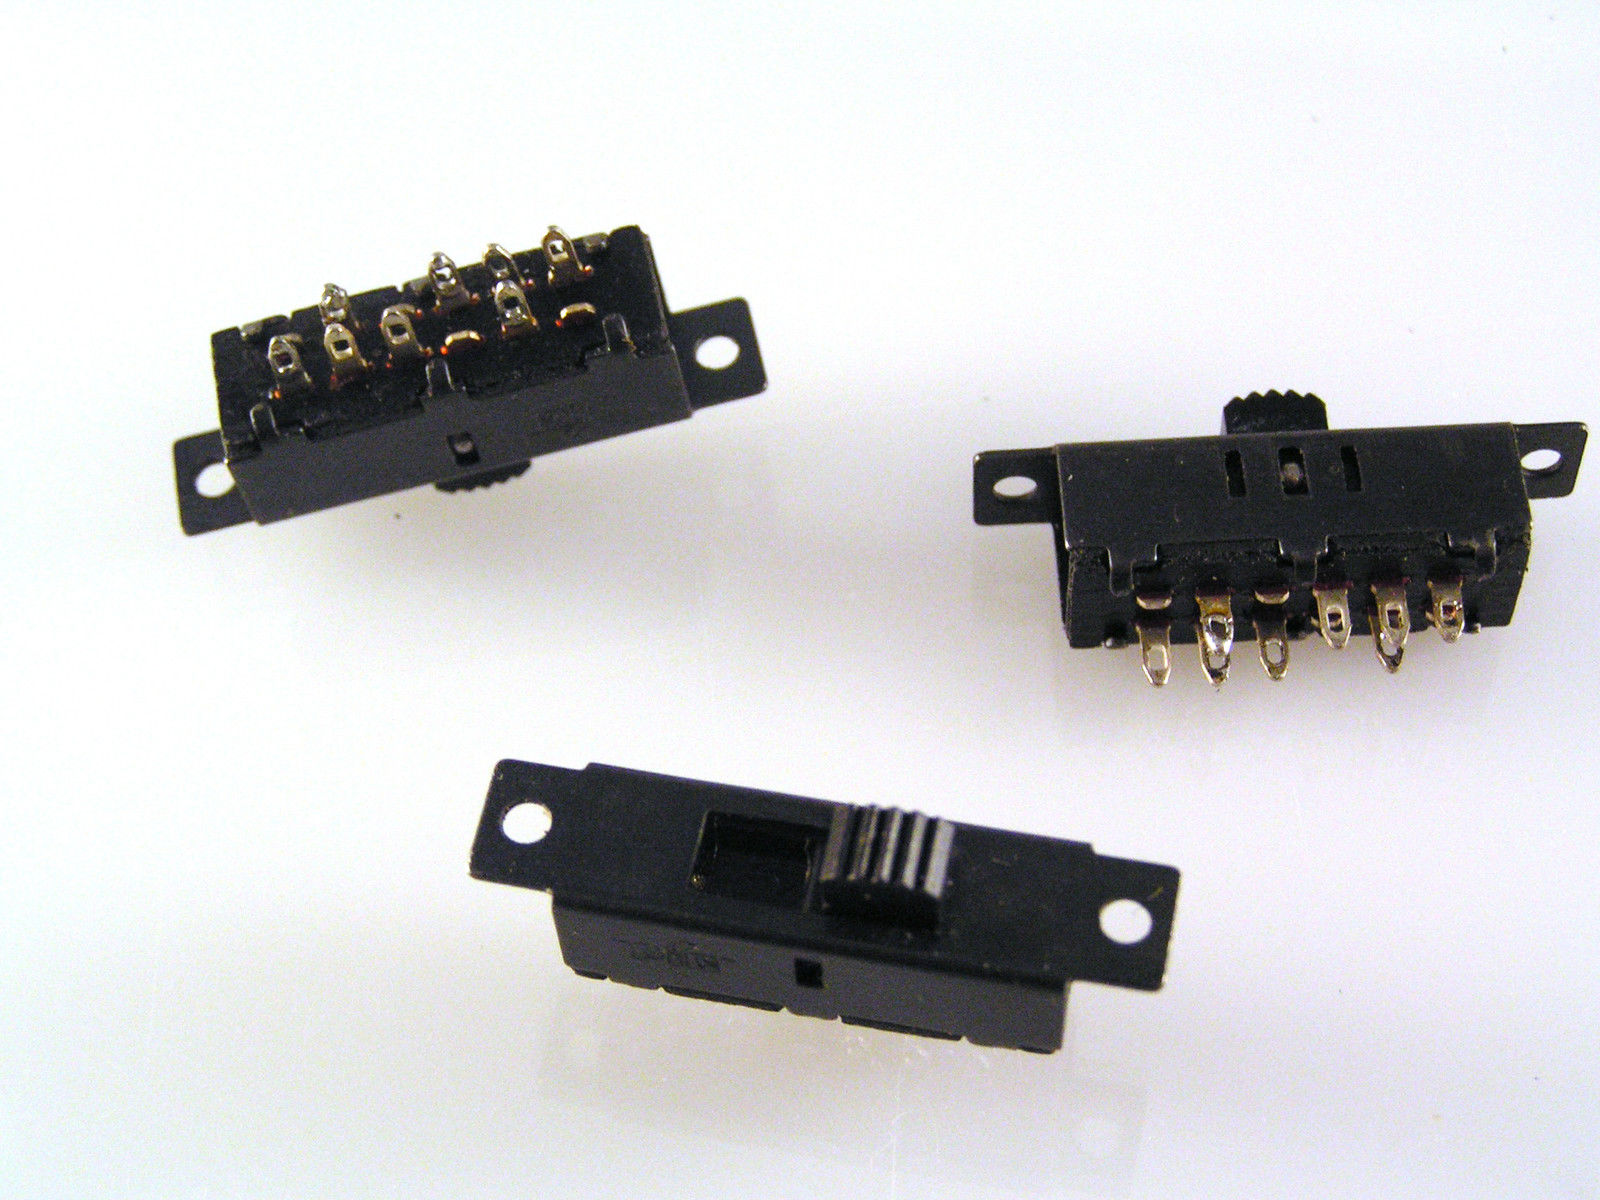 Interrupteur à glissière Single Pole 5 Position Miniature PCB Mount SSW25PC OM551 3 PIECES